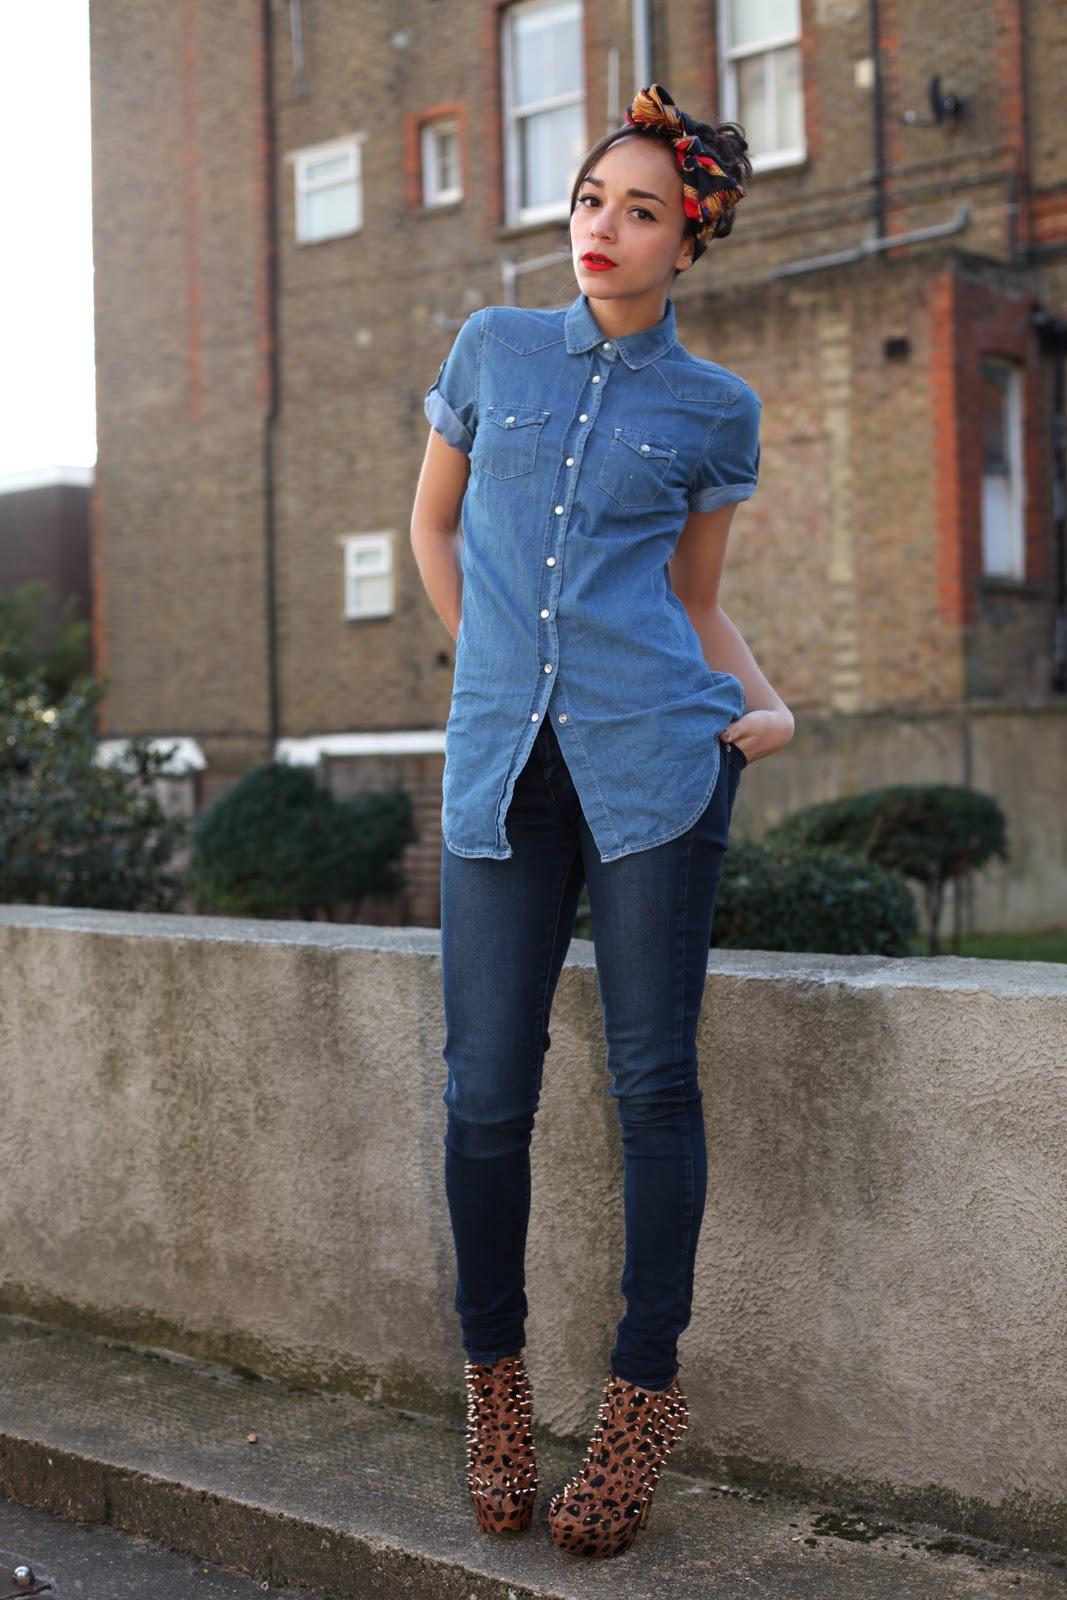 Что у девочек под джинсами 2 фотография